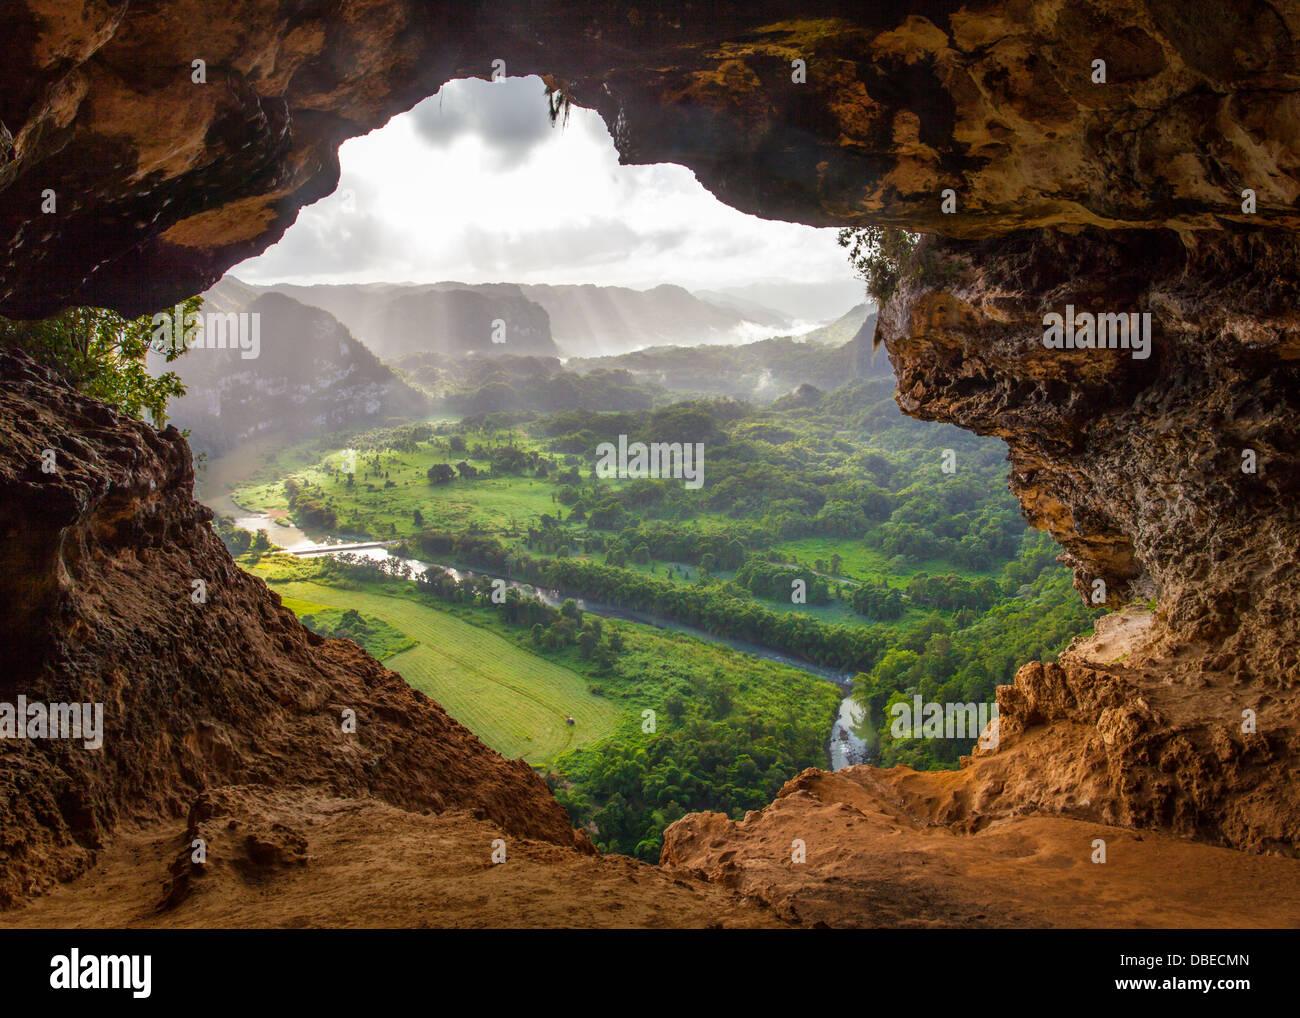 Vista dall'interno della Cueva ventana (finestra) grotta nei pressi di Arecibo, puerto rico Immagini Stock